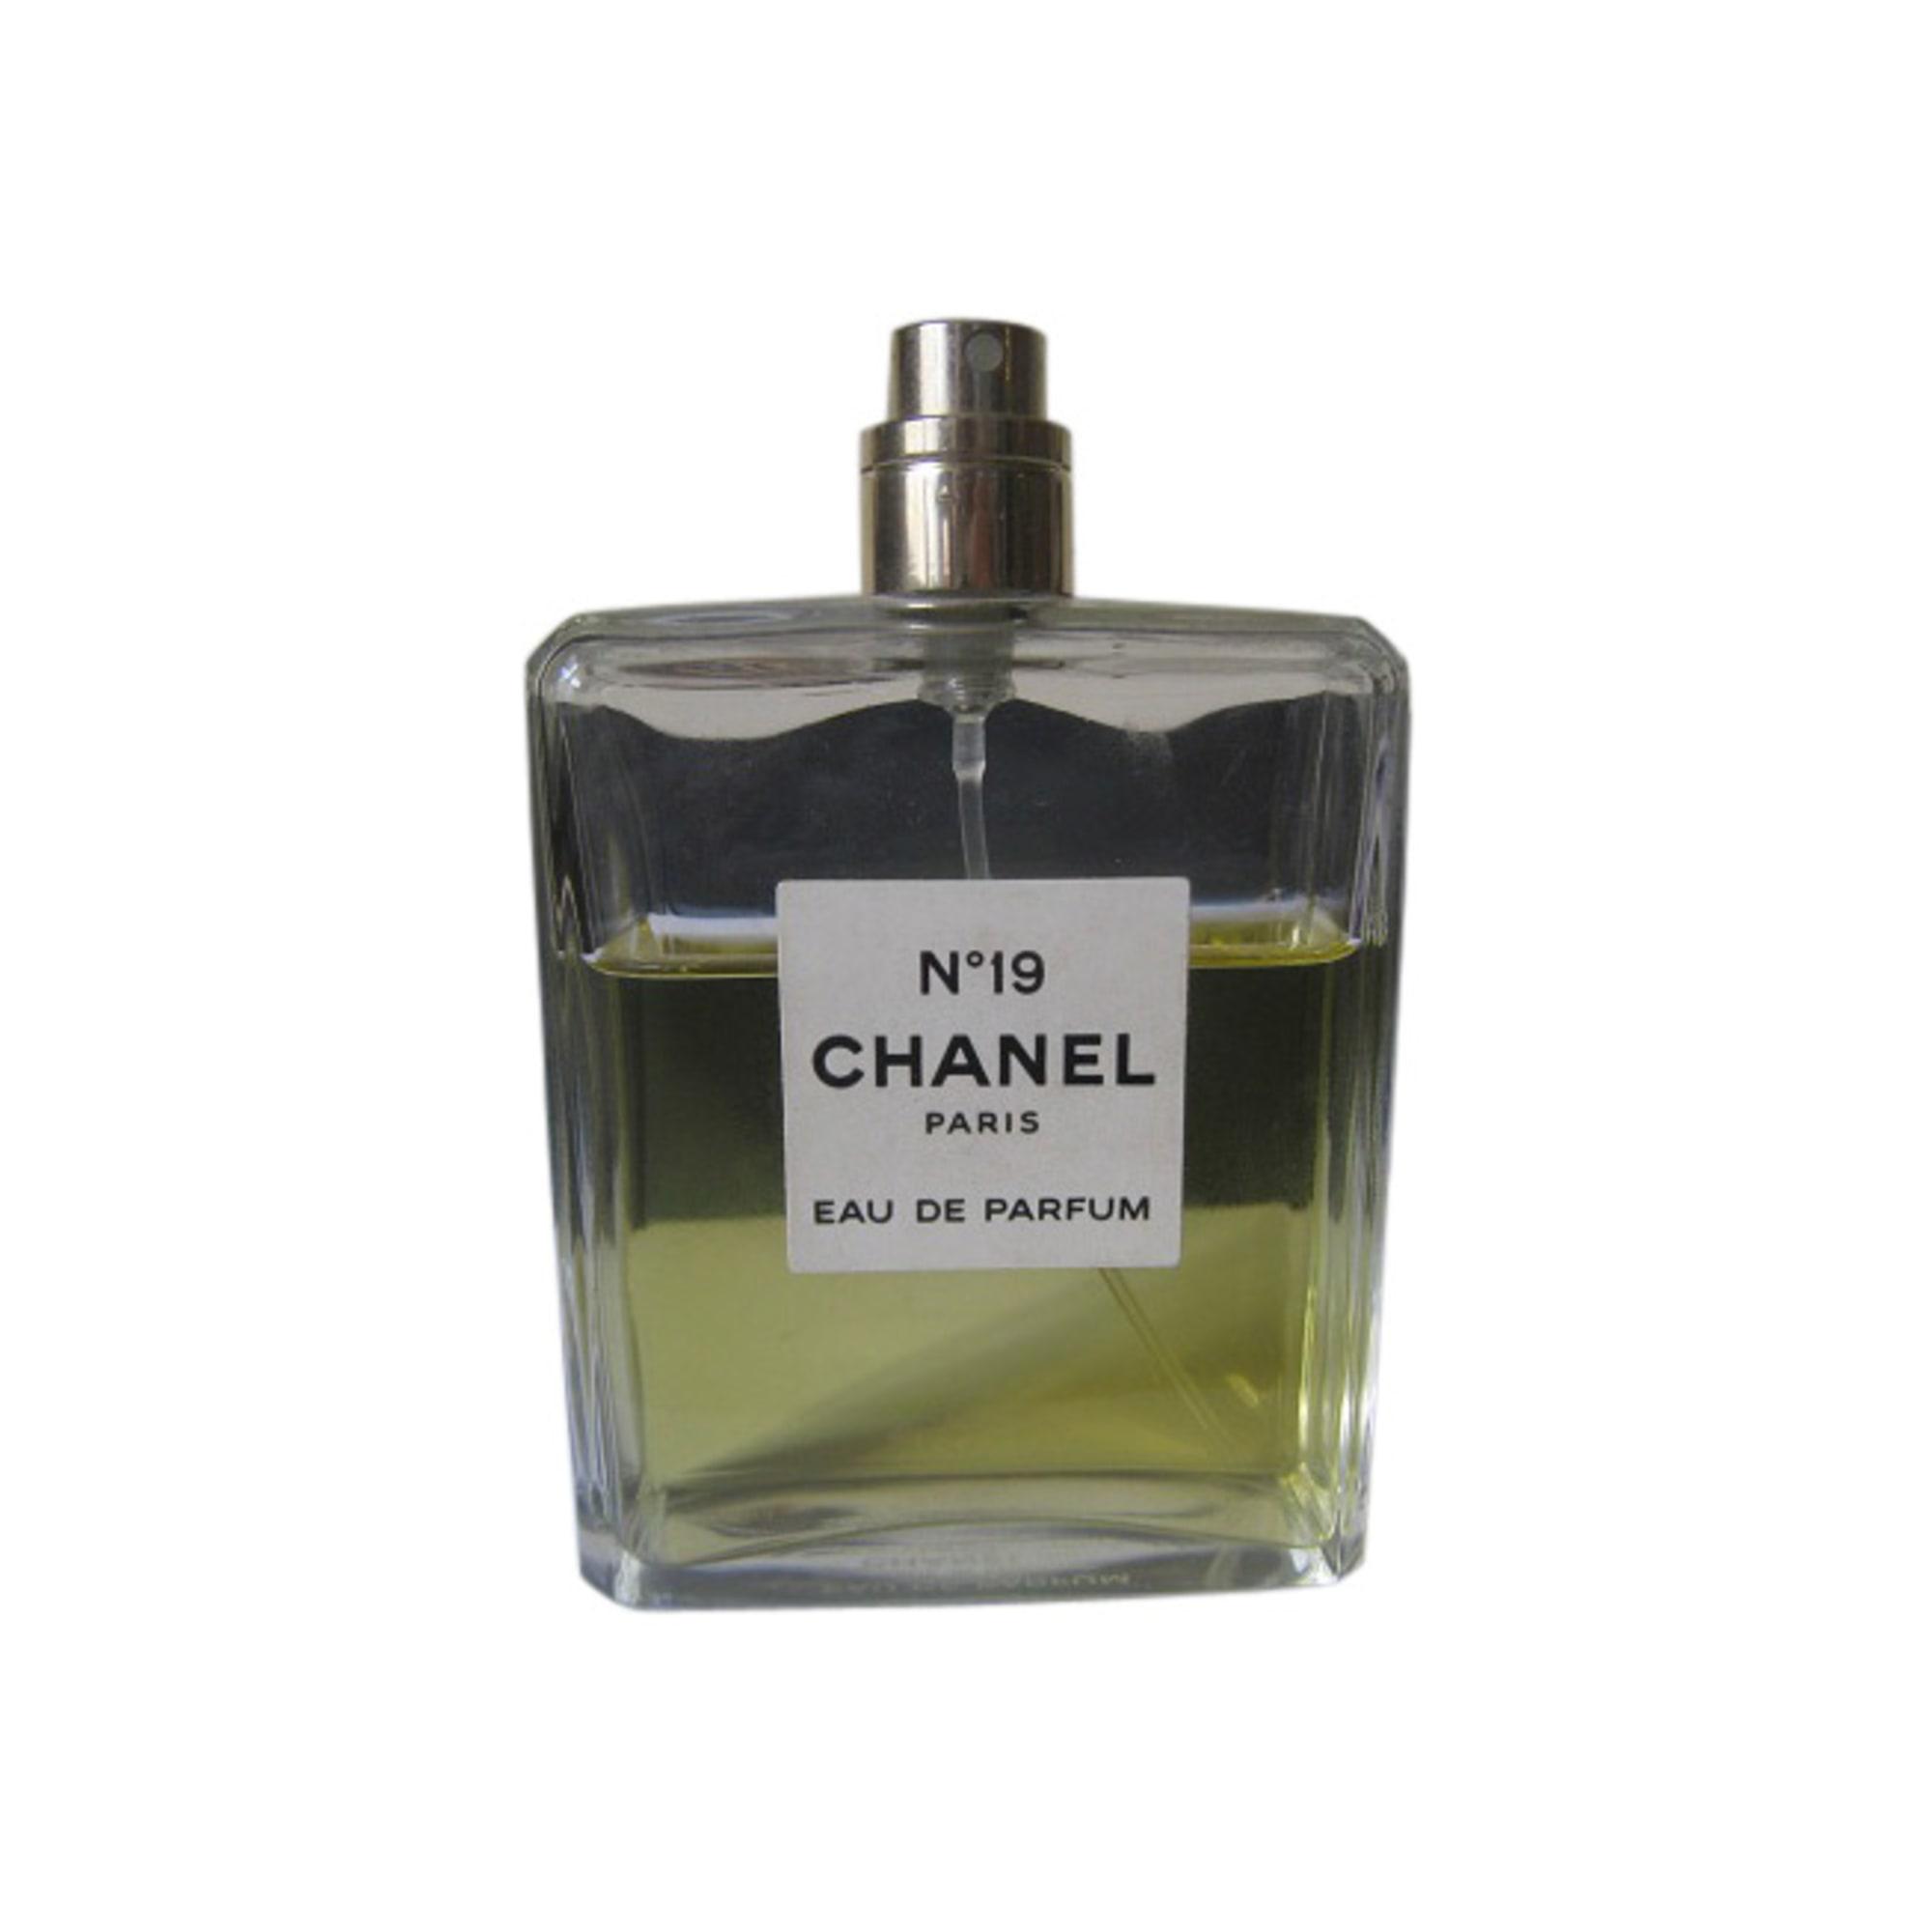 Eau De Parfum Chanel Vendu Par Missdiorcherie458732 1972499